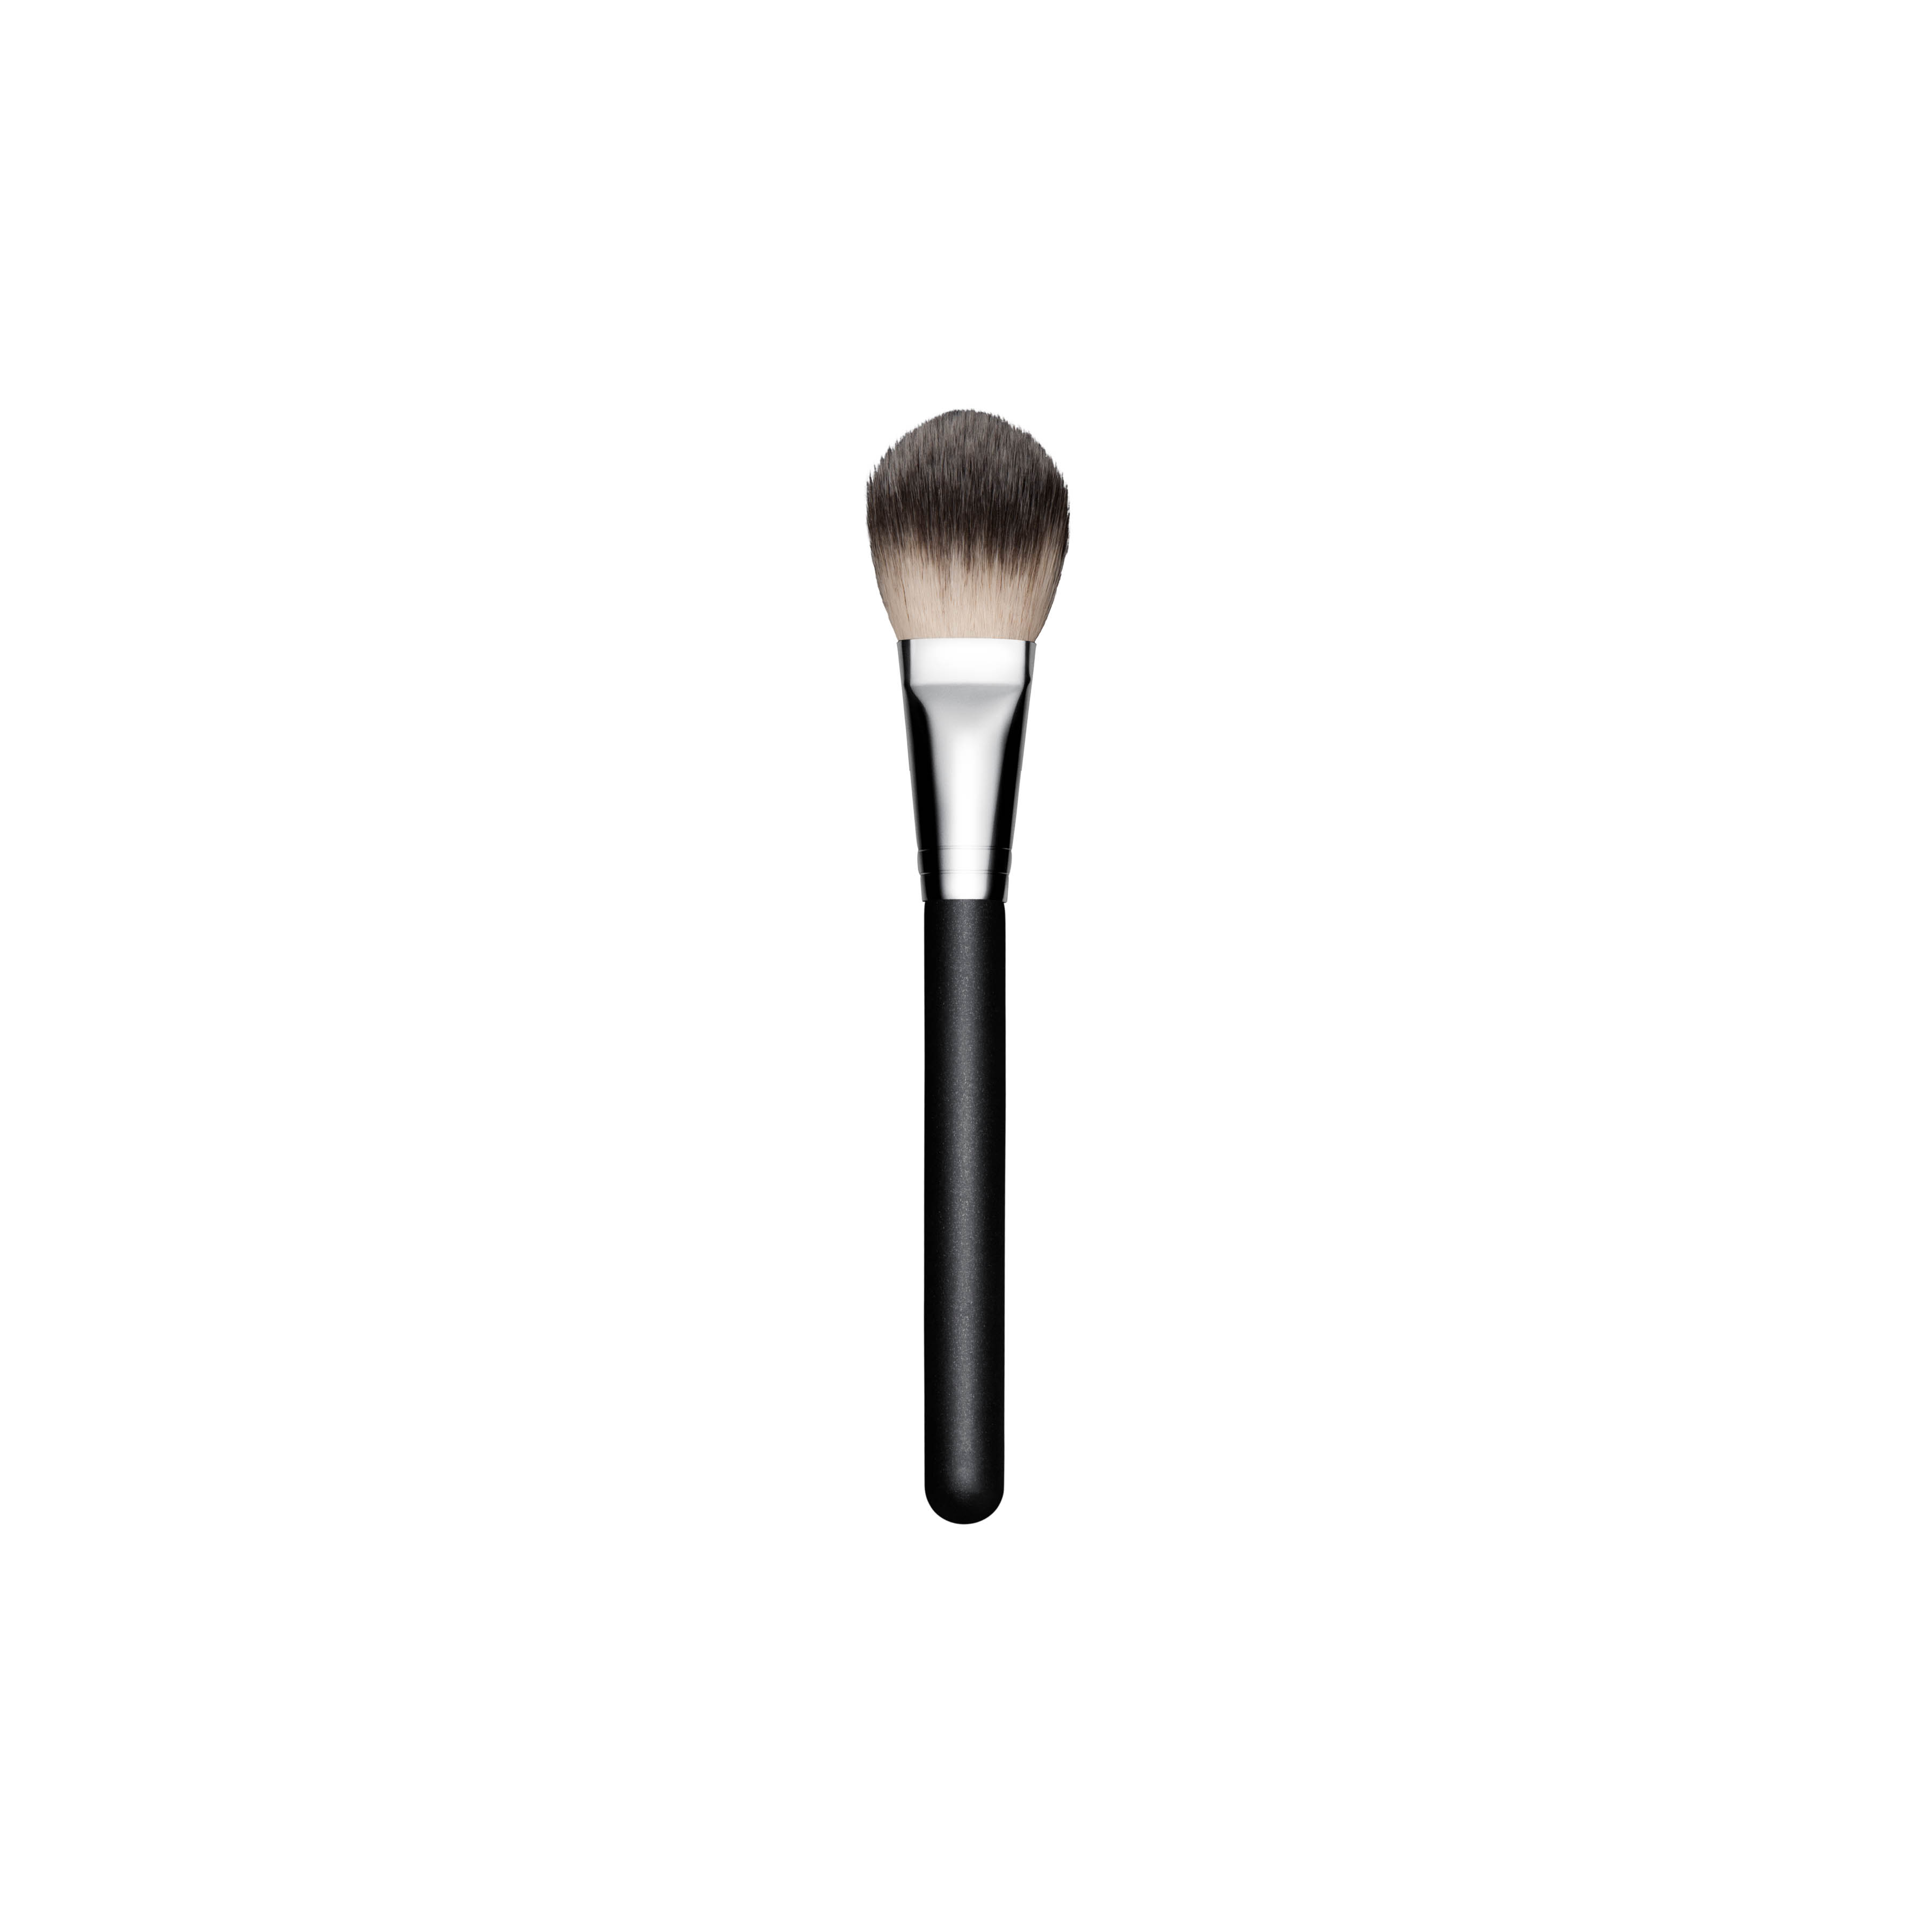 127S Split Fabre Face Brush